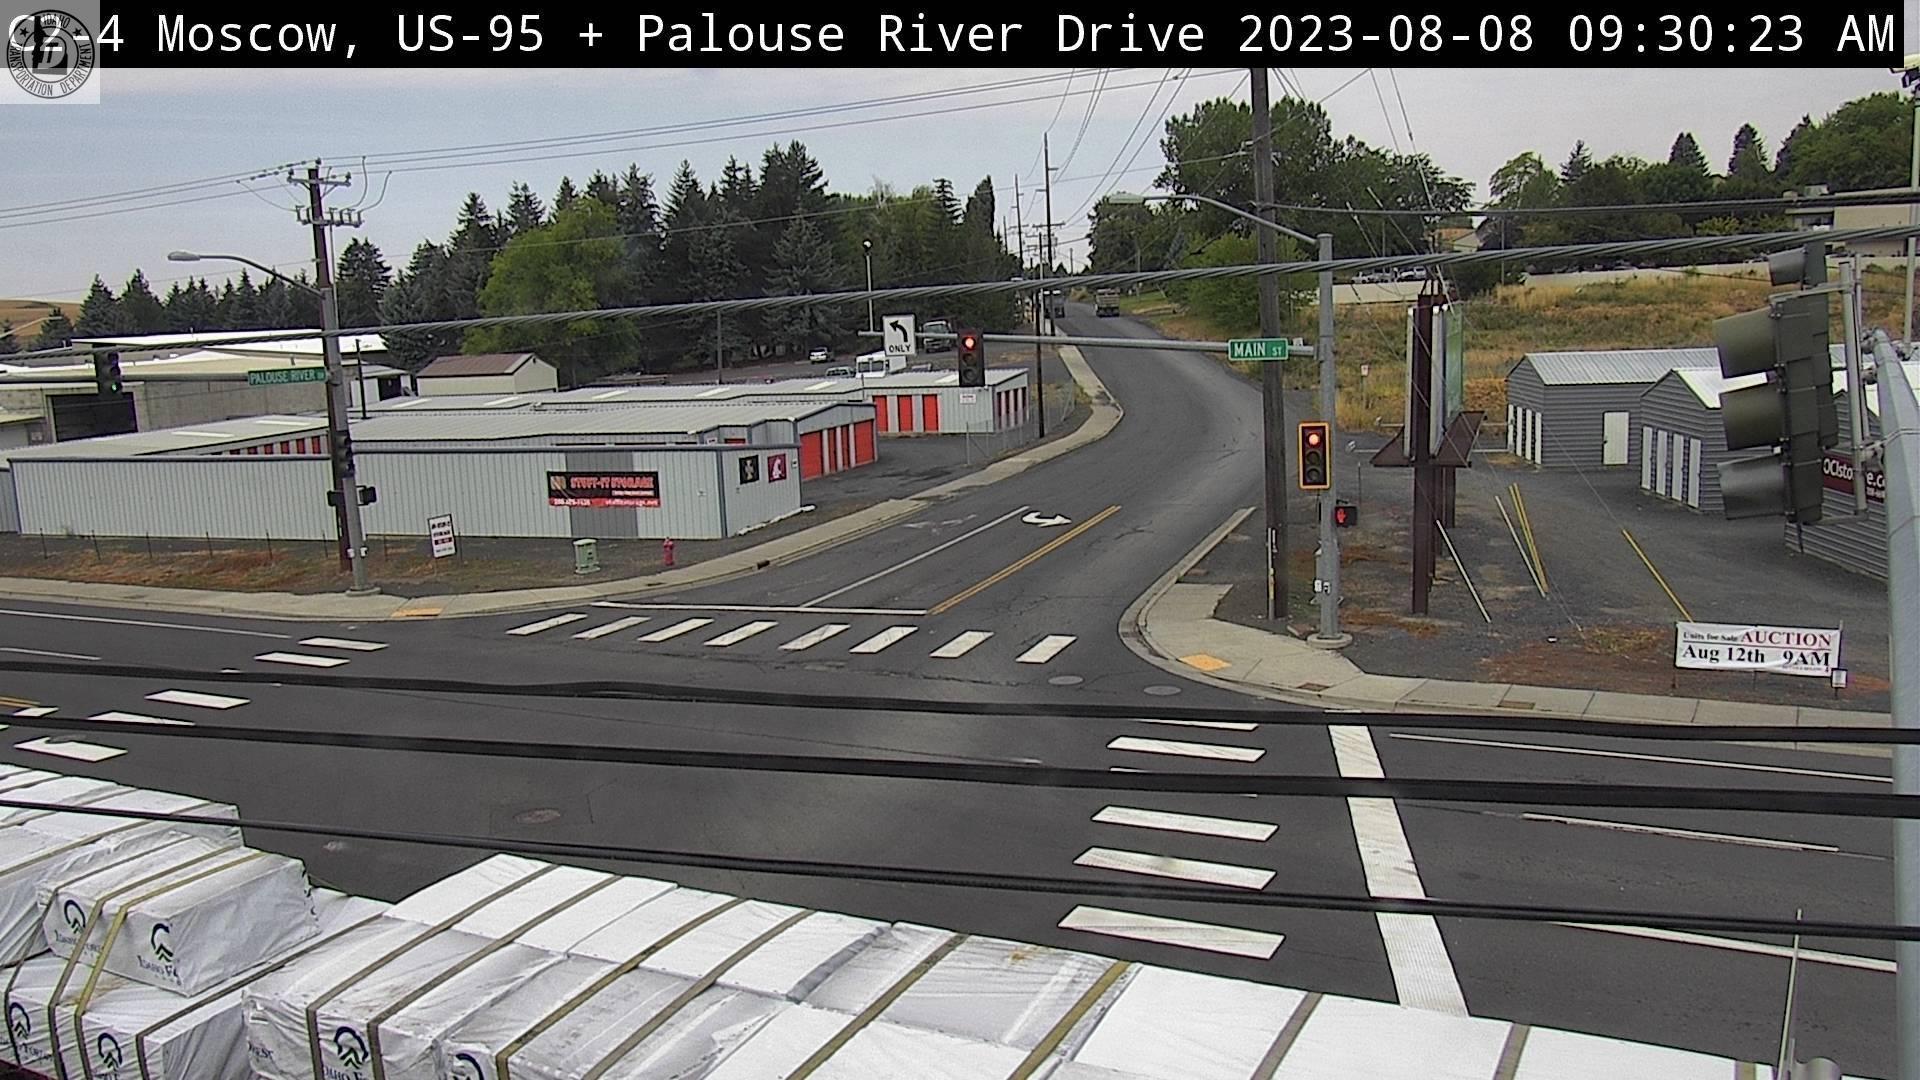 Palouse River Dr